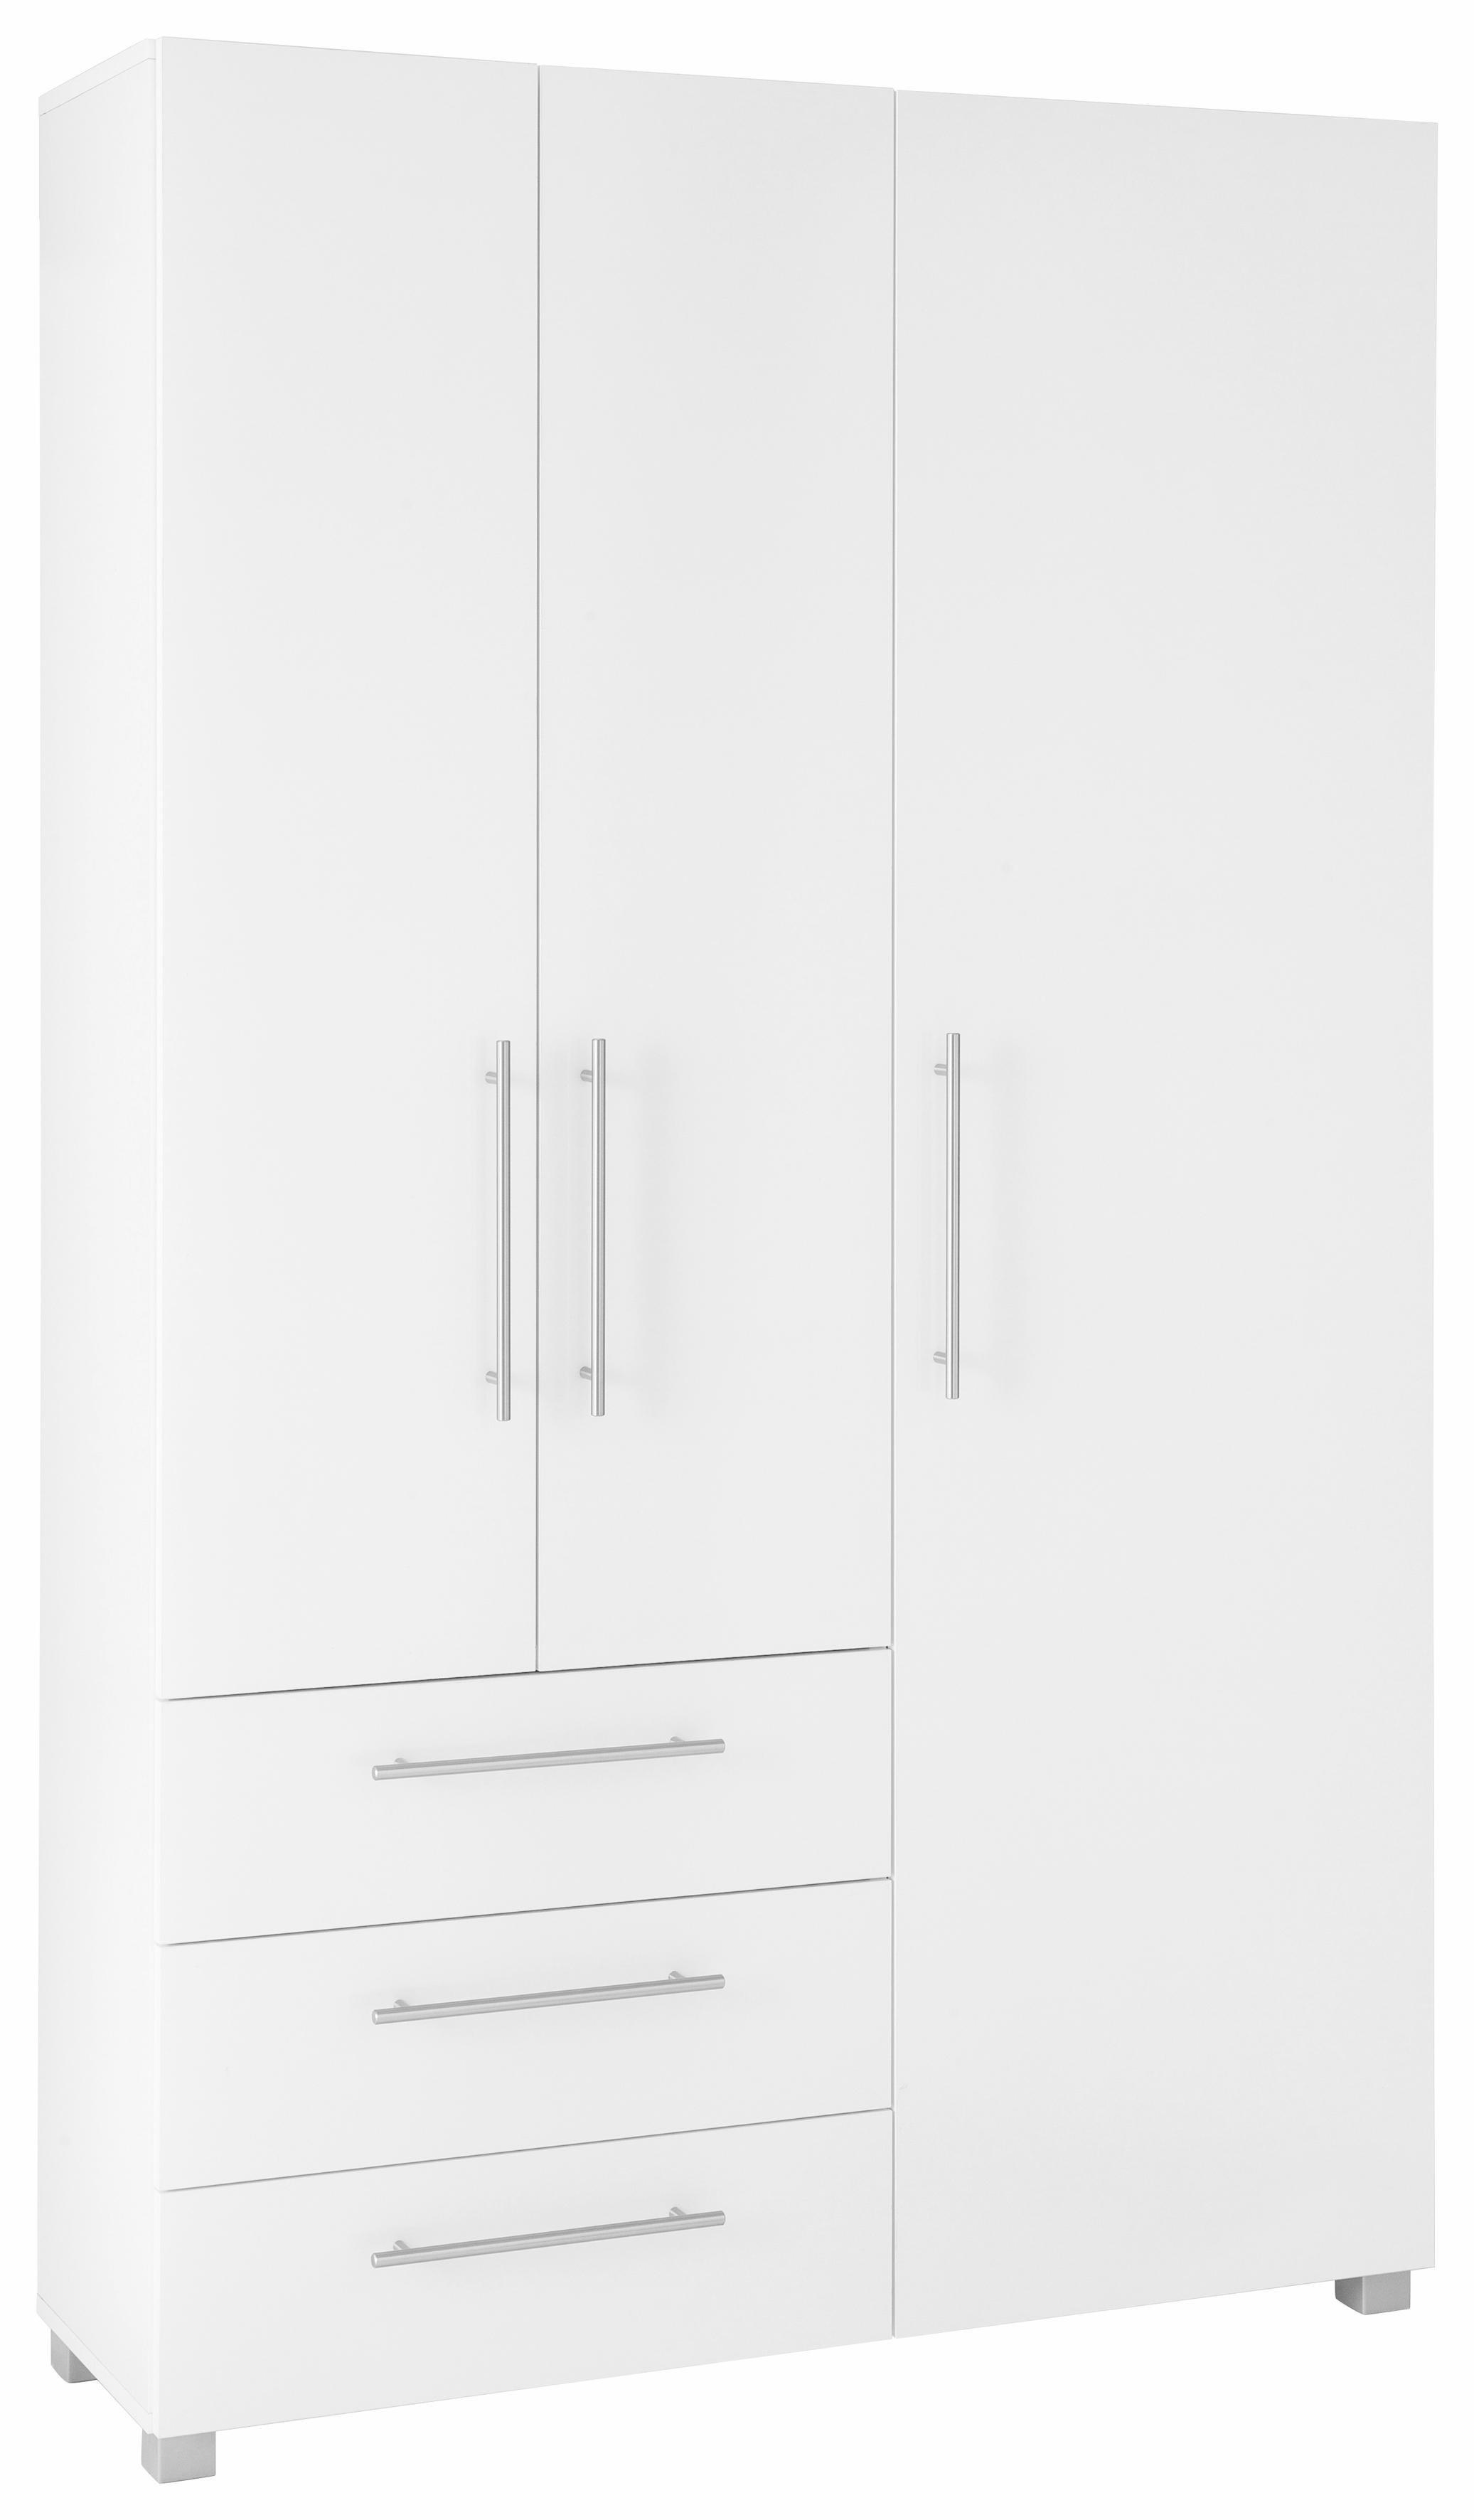 Schildmeyer Garderobenschrank »Danu«, mit 3 Schubkästen und 3 Türen | Flur & Diele > Garderoben > Garderobenschränke | Melamin | Schildmeyer